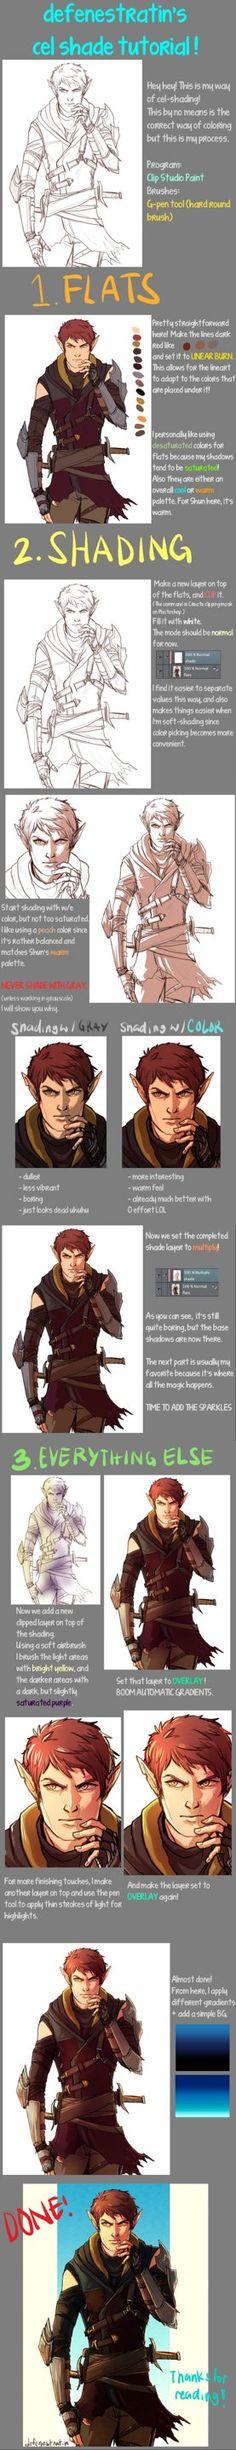 How I cel shade things! by defenestratin.deviantart.com on @DeviantArt